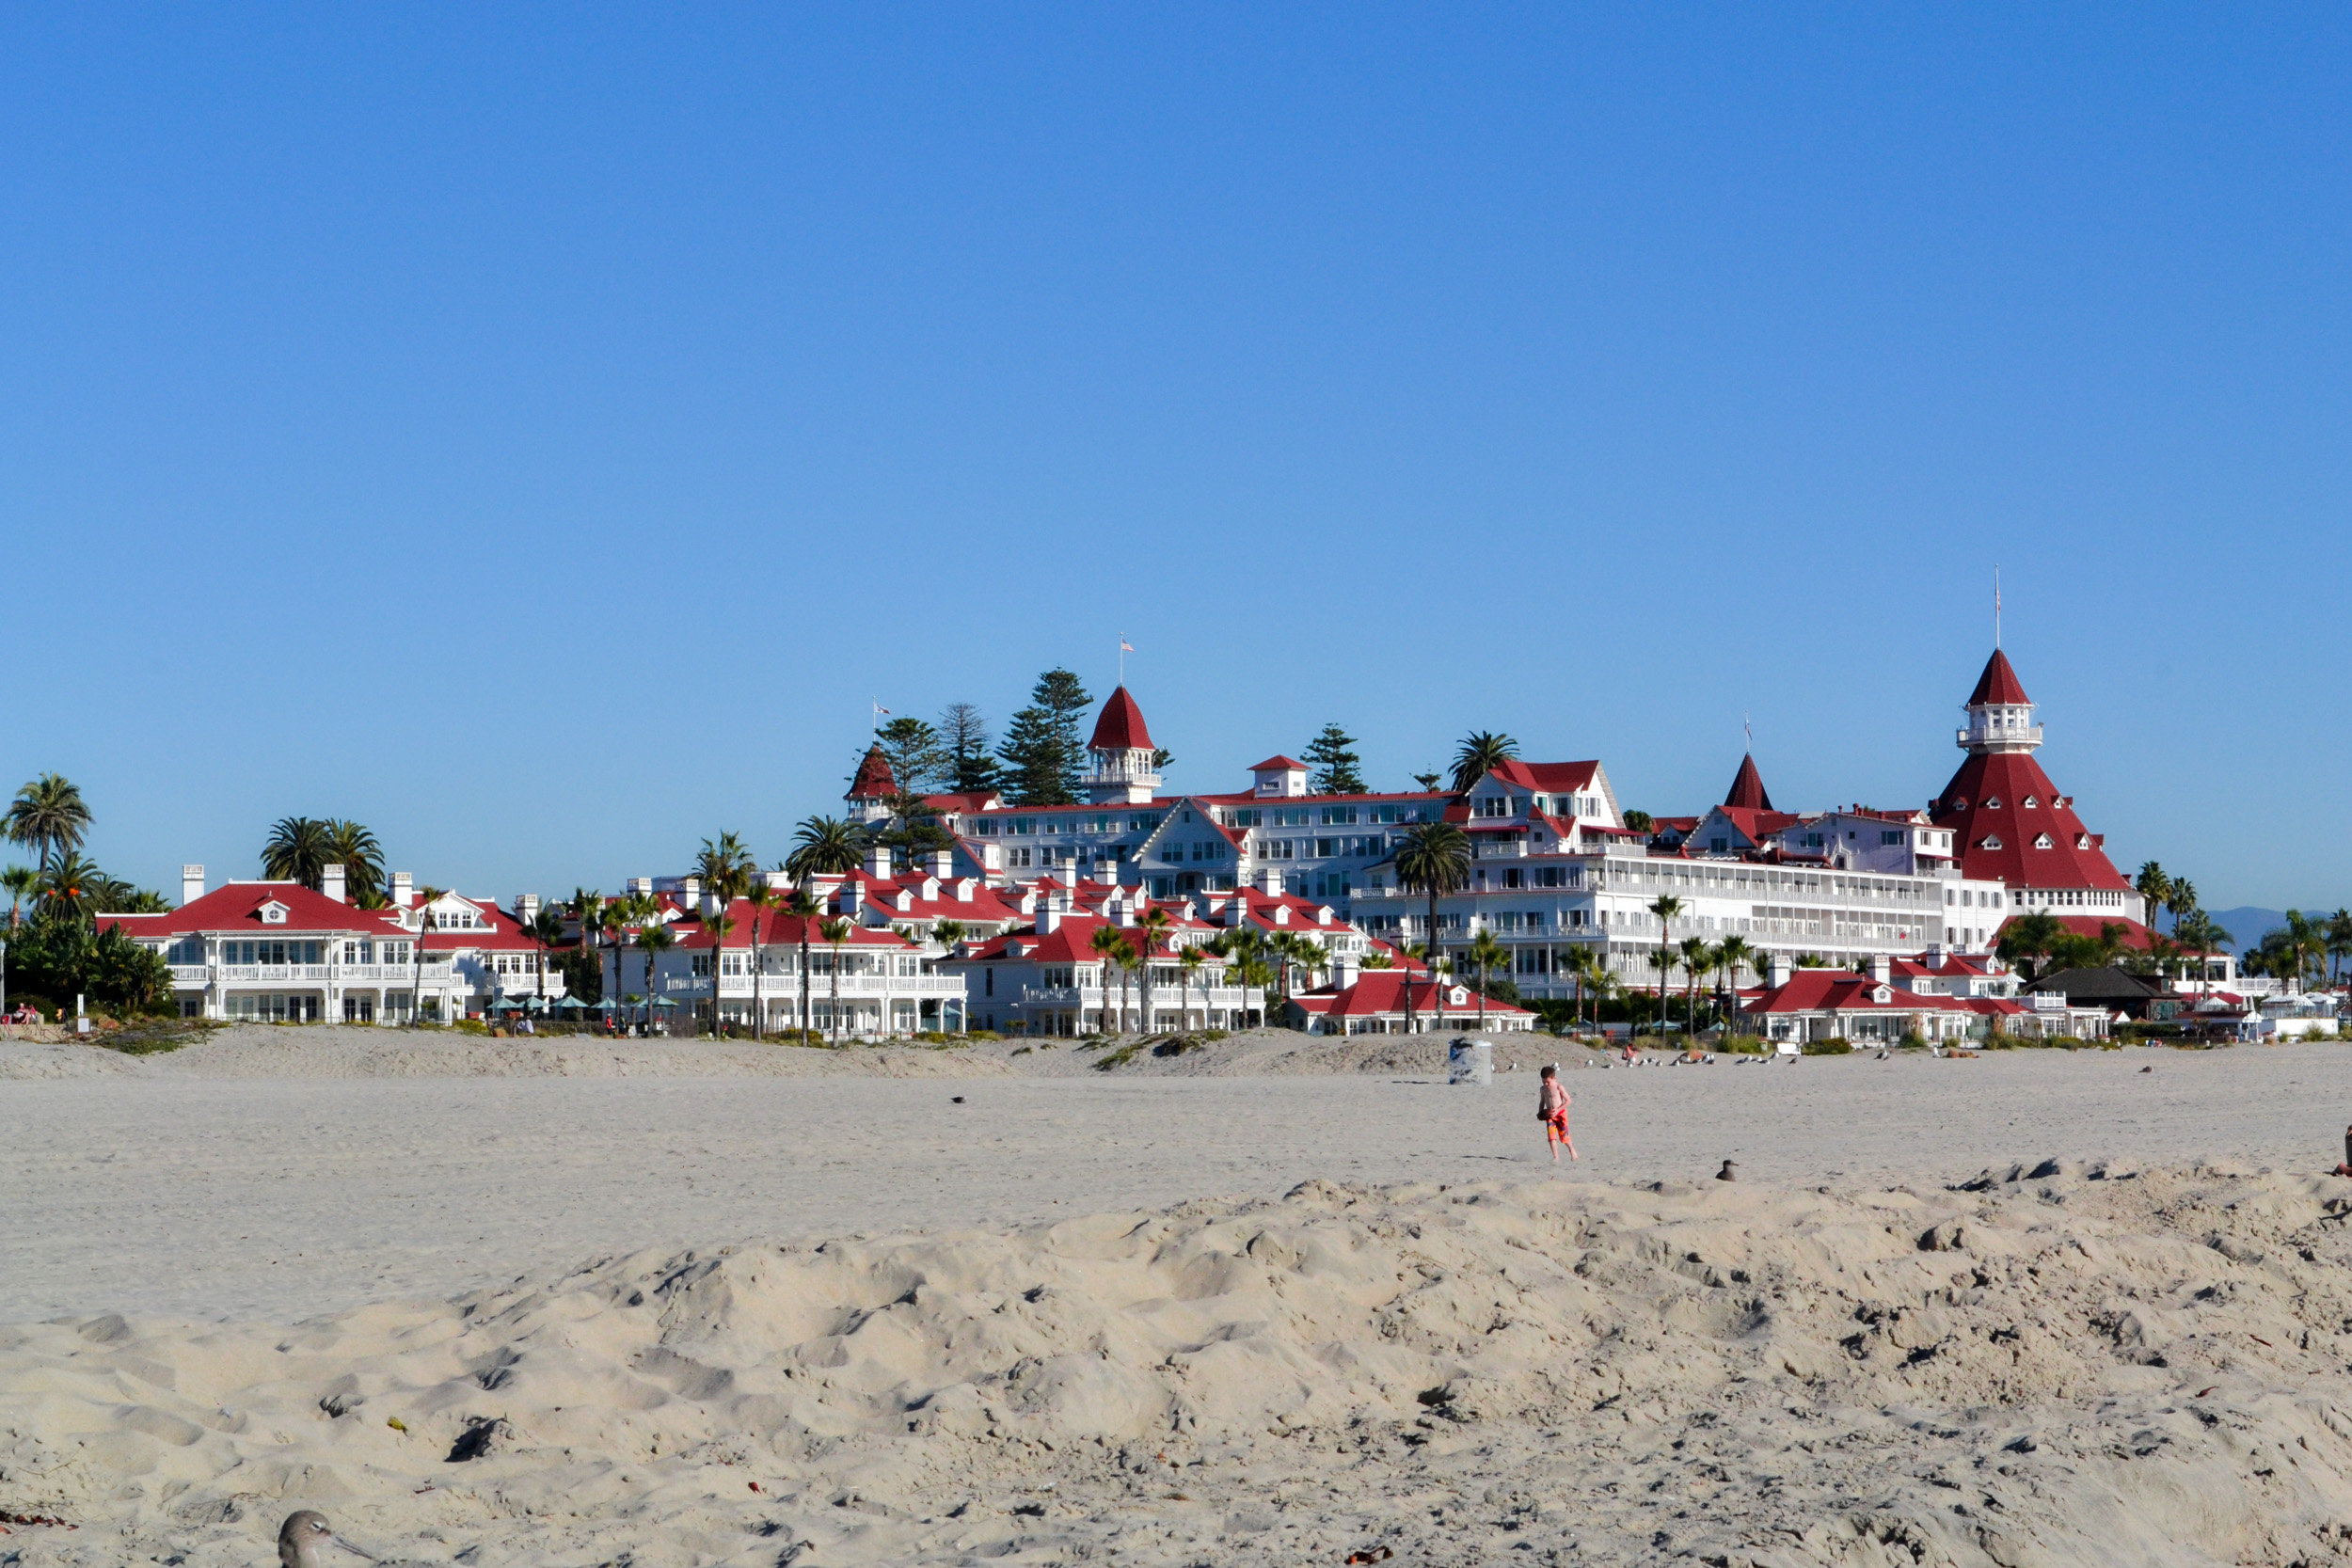 Coronado, Hotel del Coronado, San Diego